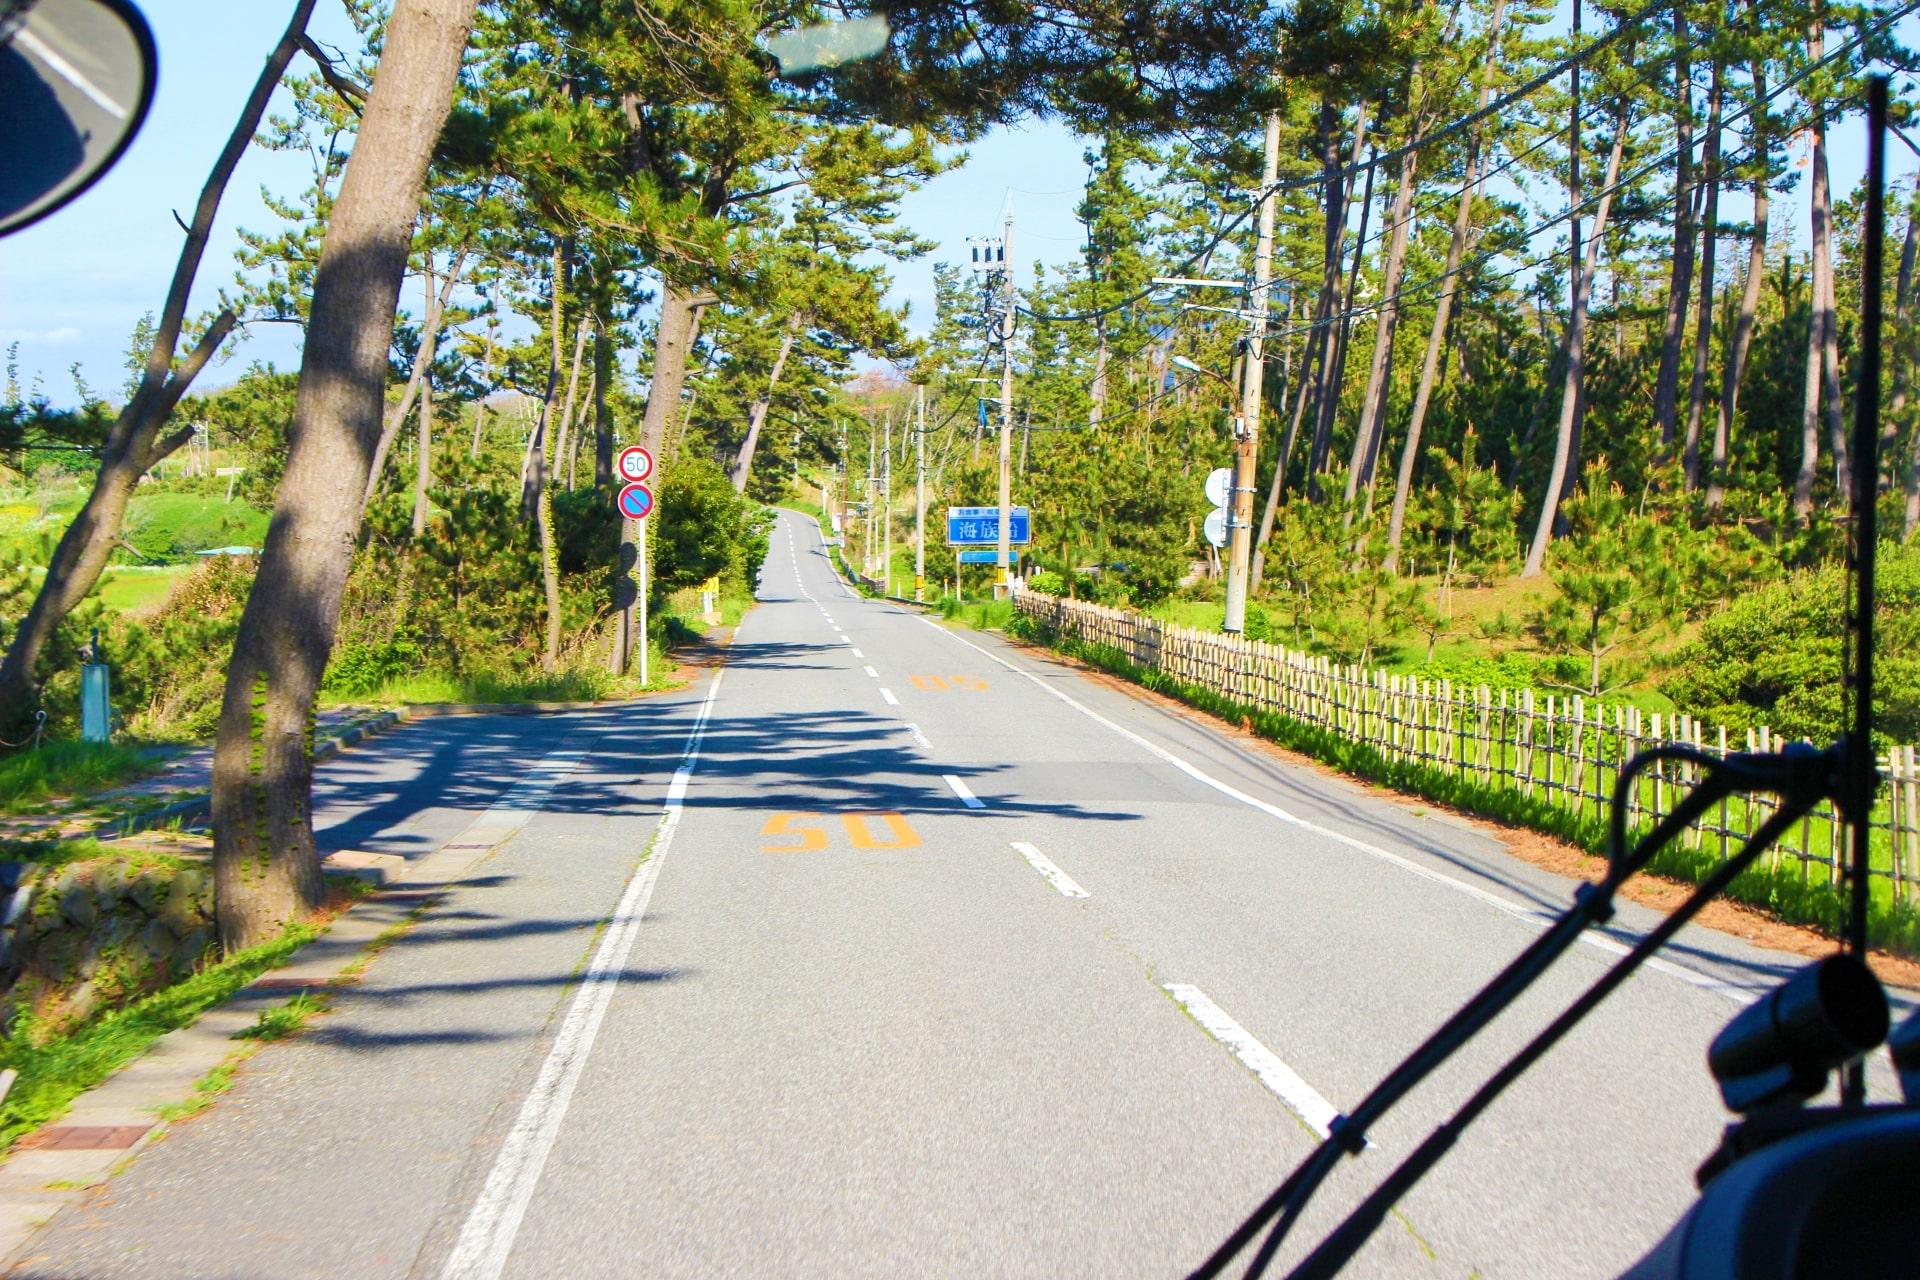 【婚活バスツアー】理想の相手と出会える婚活バスツアーの選び方